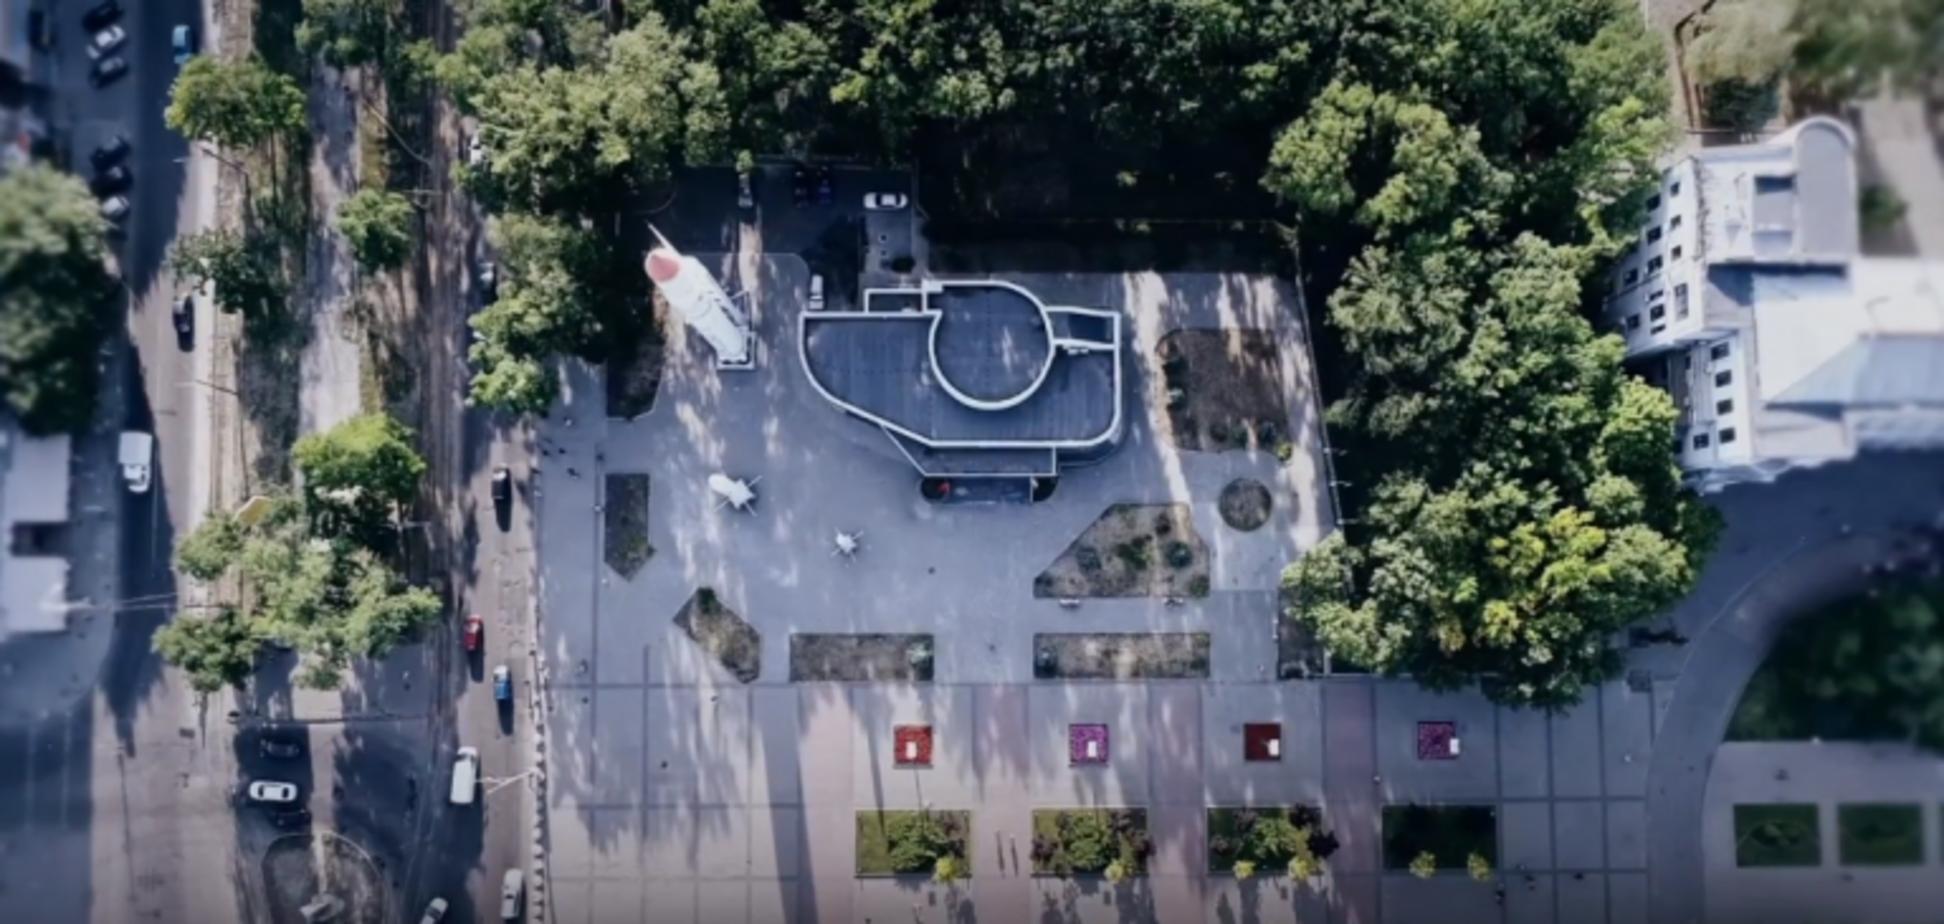 Схема на $30 млн: нардеп хочет присвоить парк в центре Днепра